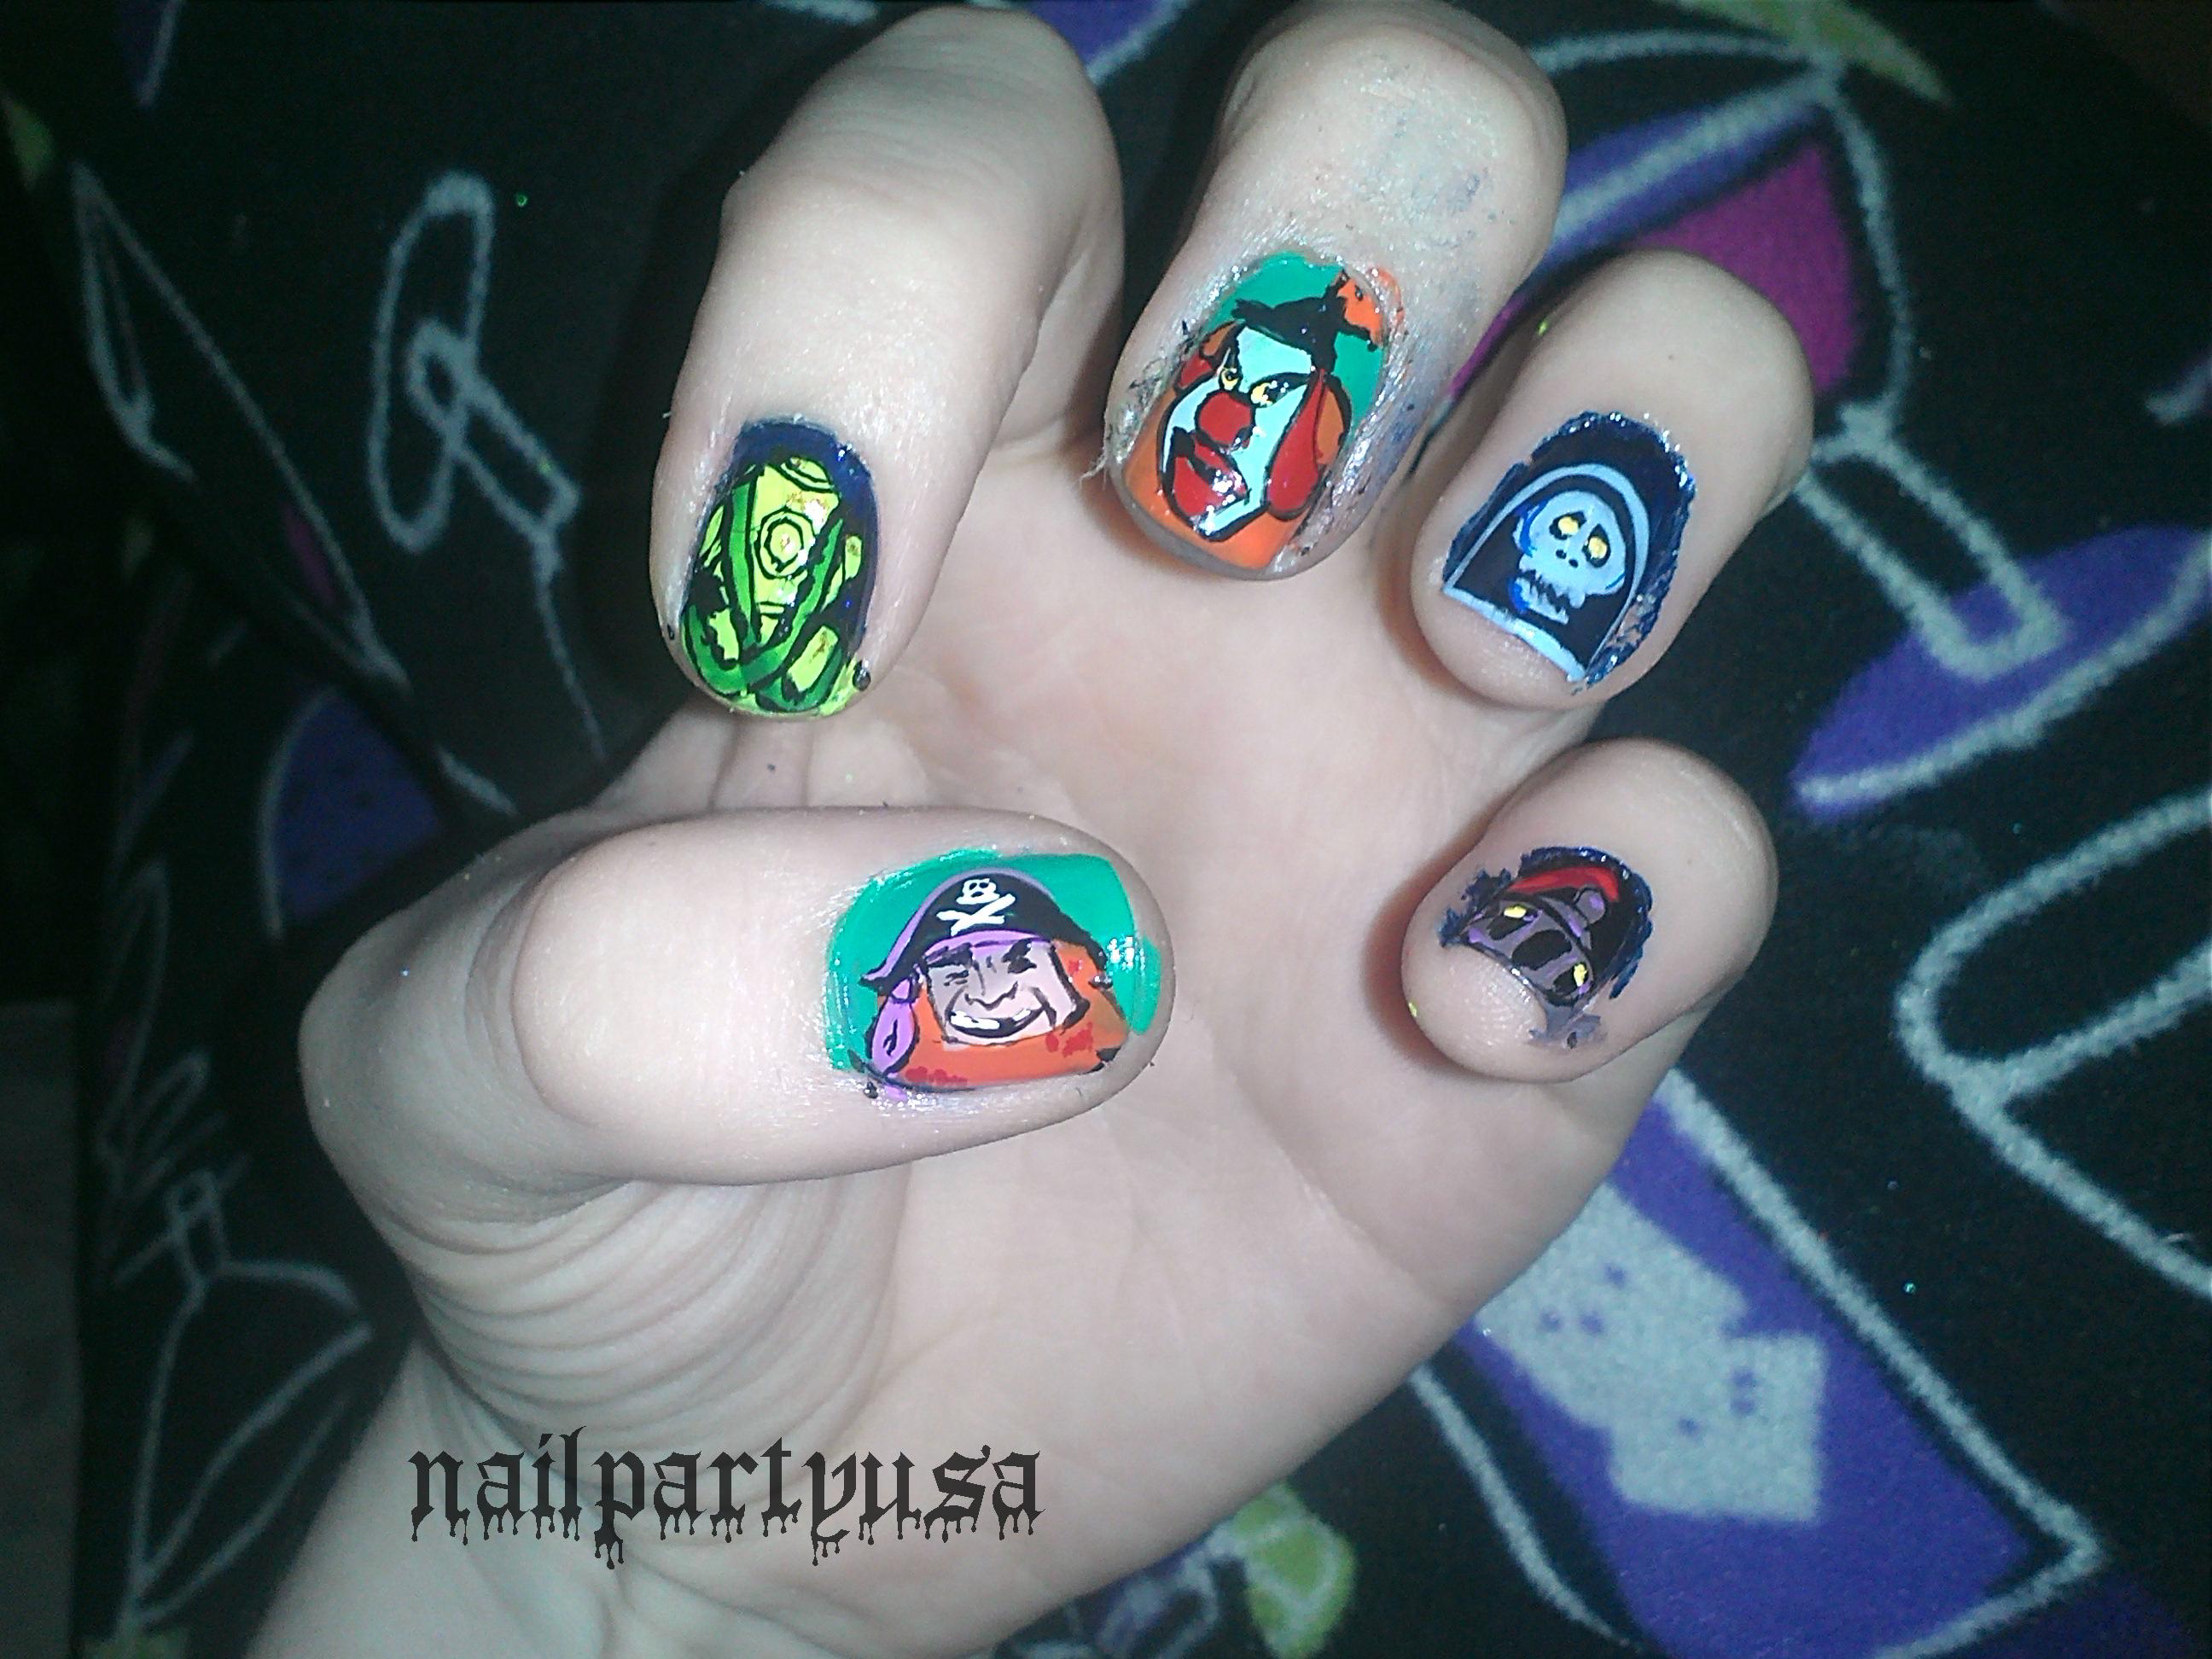 Nail Art Nail Party Usa